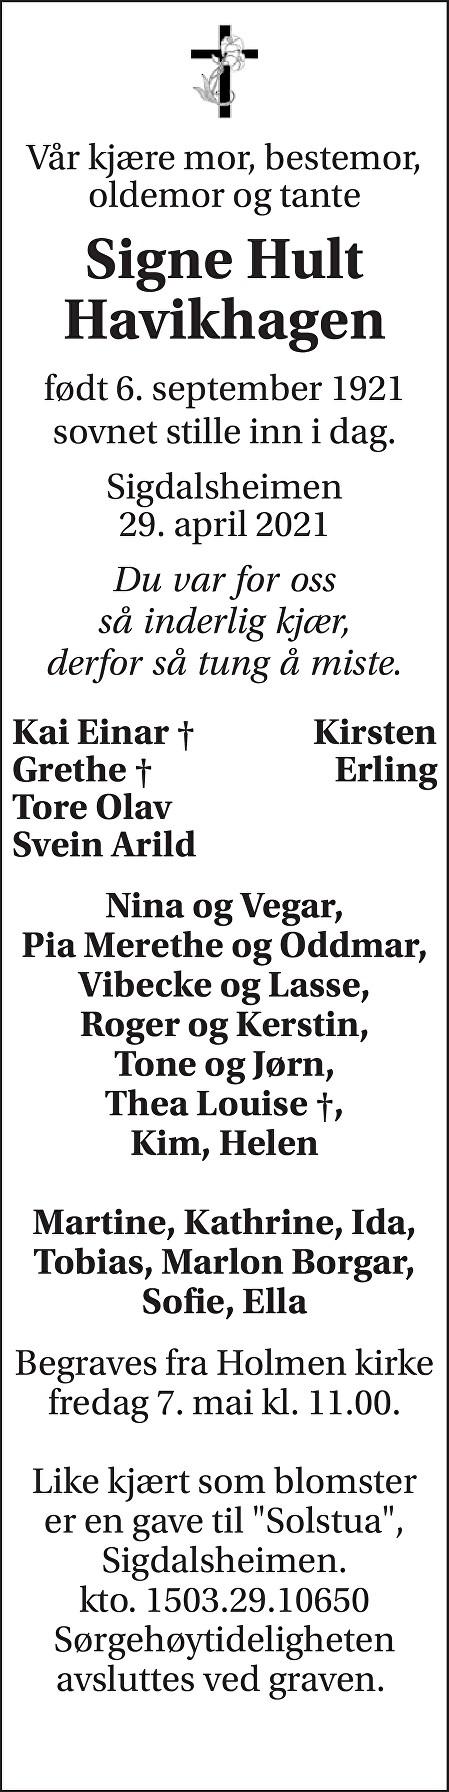 Signe Hult Havikhagen Dødsannonse